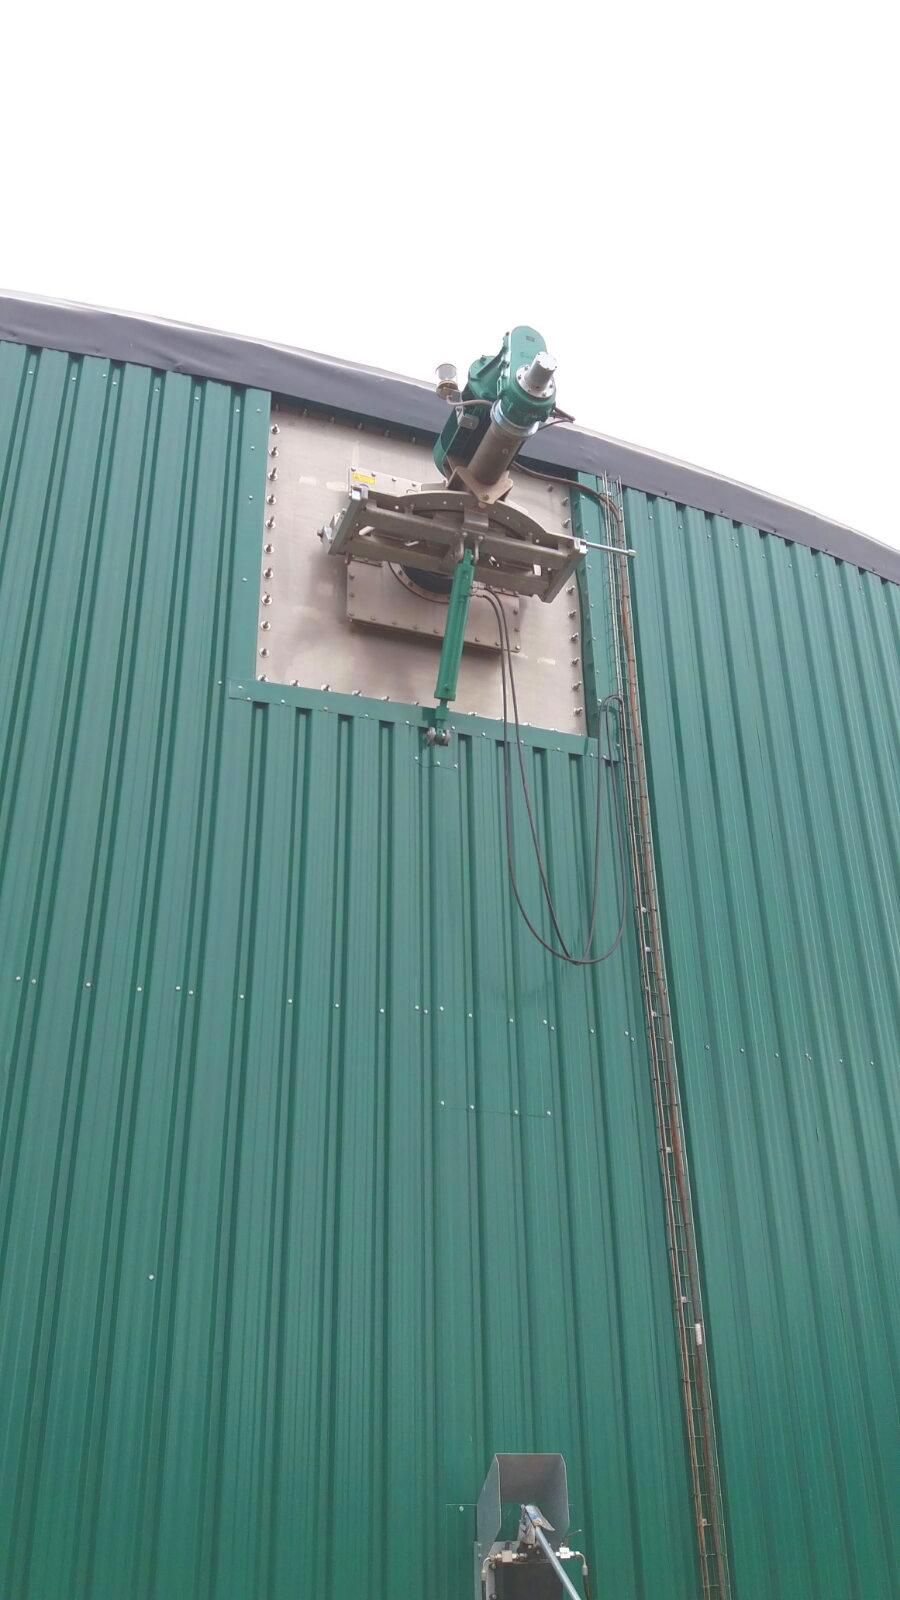 02 Instalación de Agitadores-Planta de Biogás de 1MW en Stracathro Reino Unido